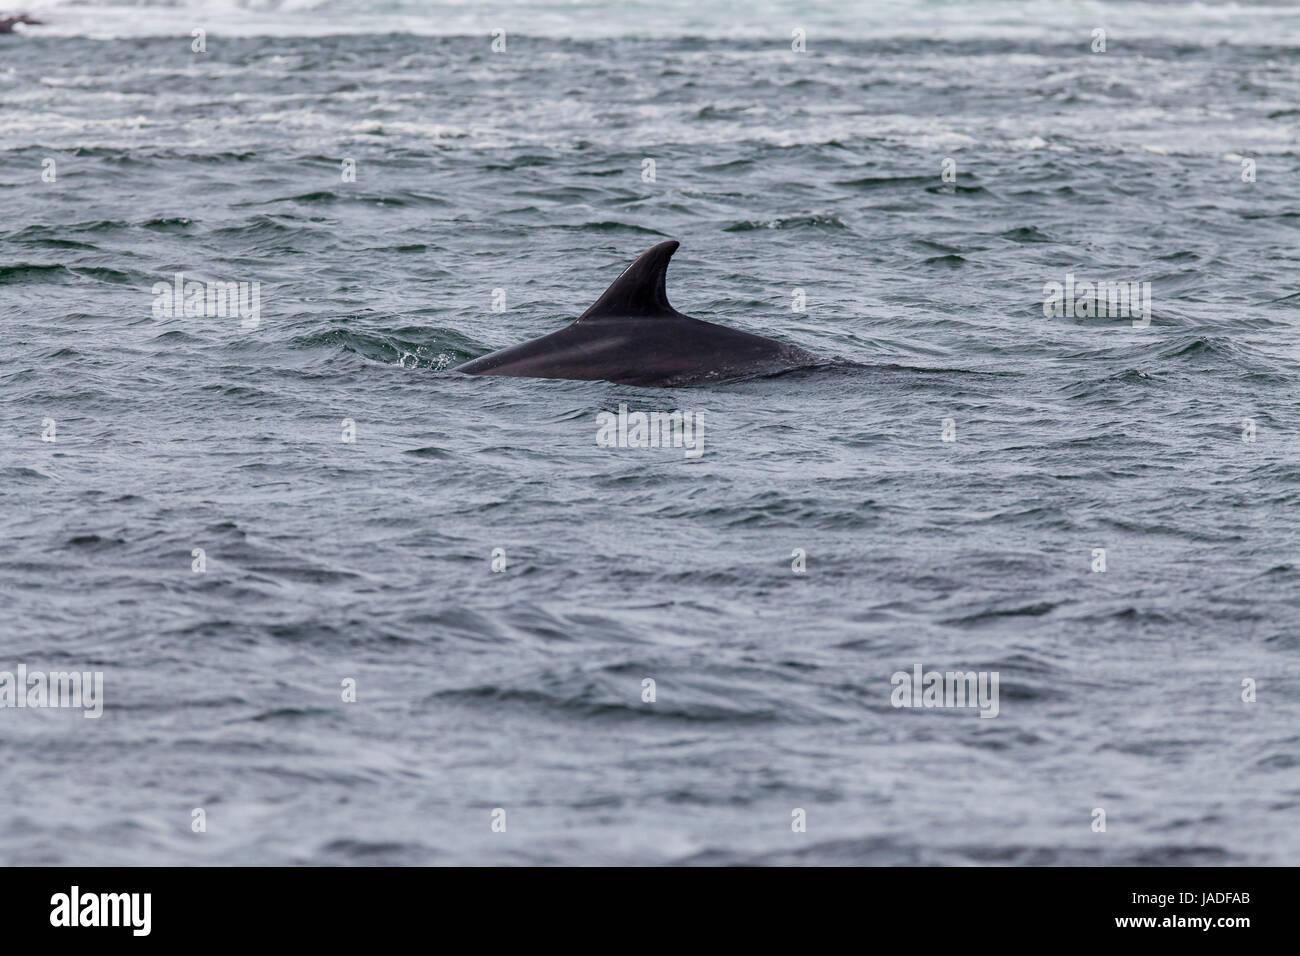 Delfin (Tursiops truncatus) - Stock Image